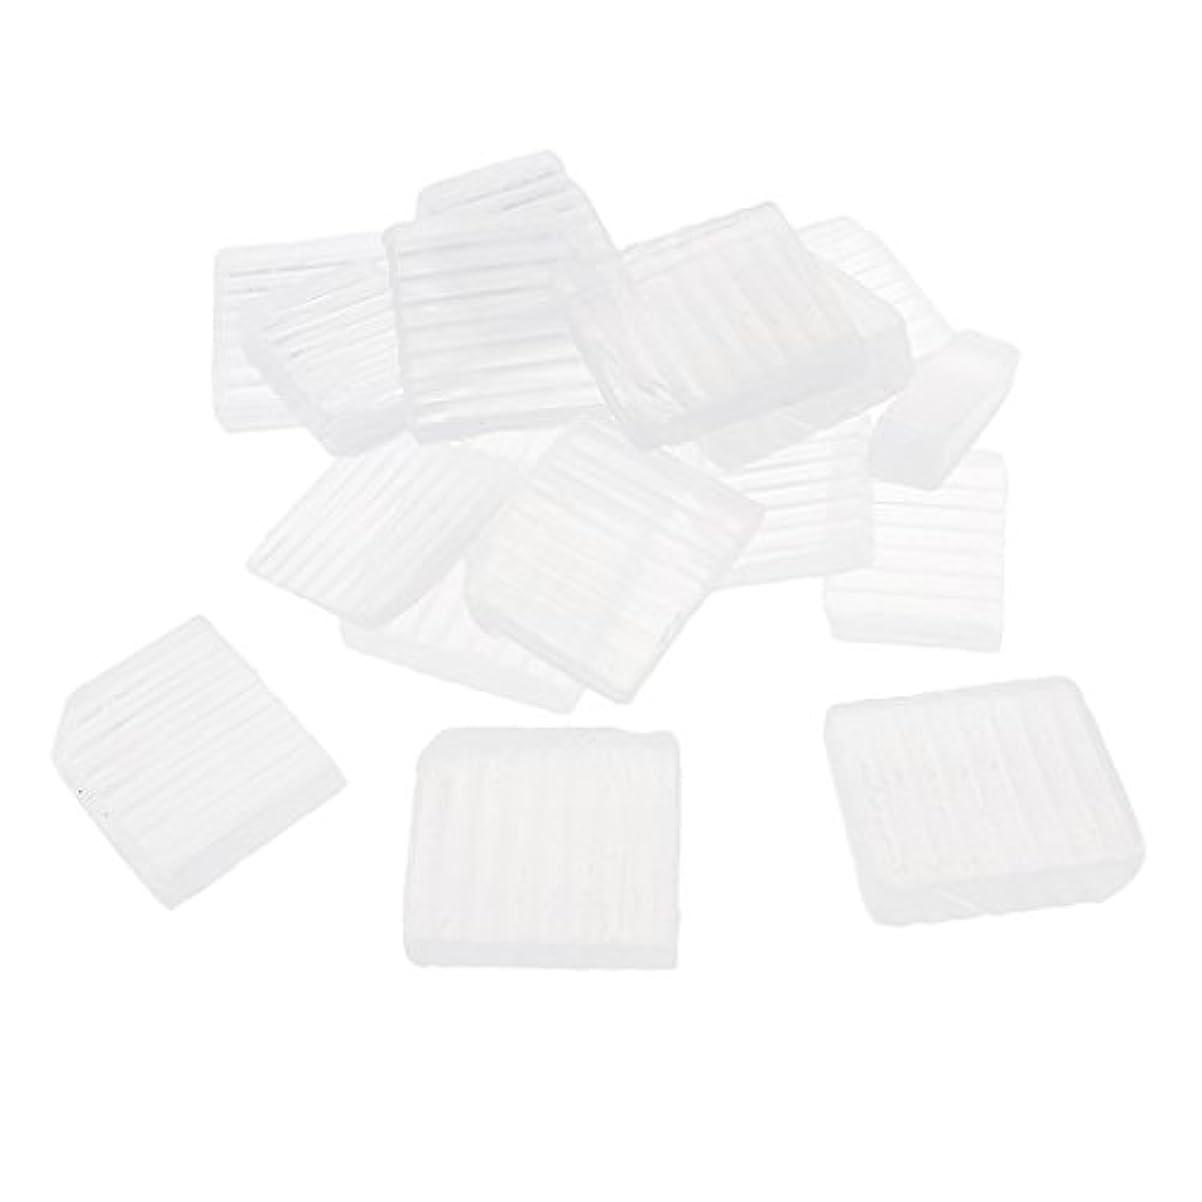 ベアリング恩恵職業透明 石鹸ベース DIY 手作り 石鹸 材料 約1 KG DIYギフト